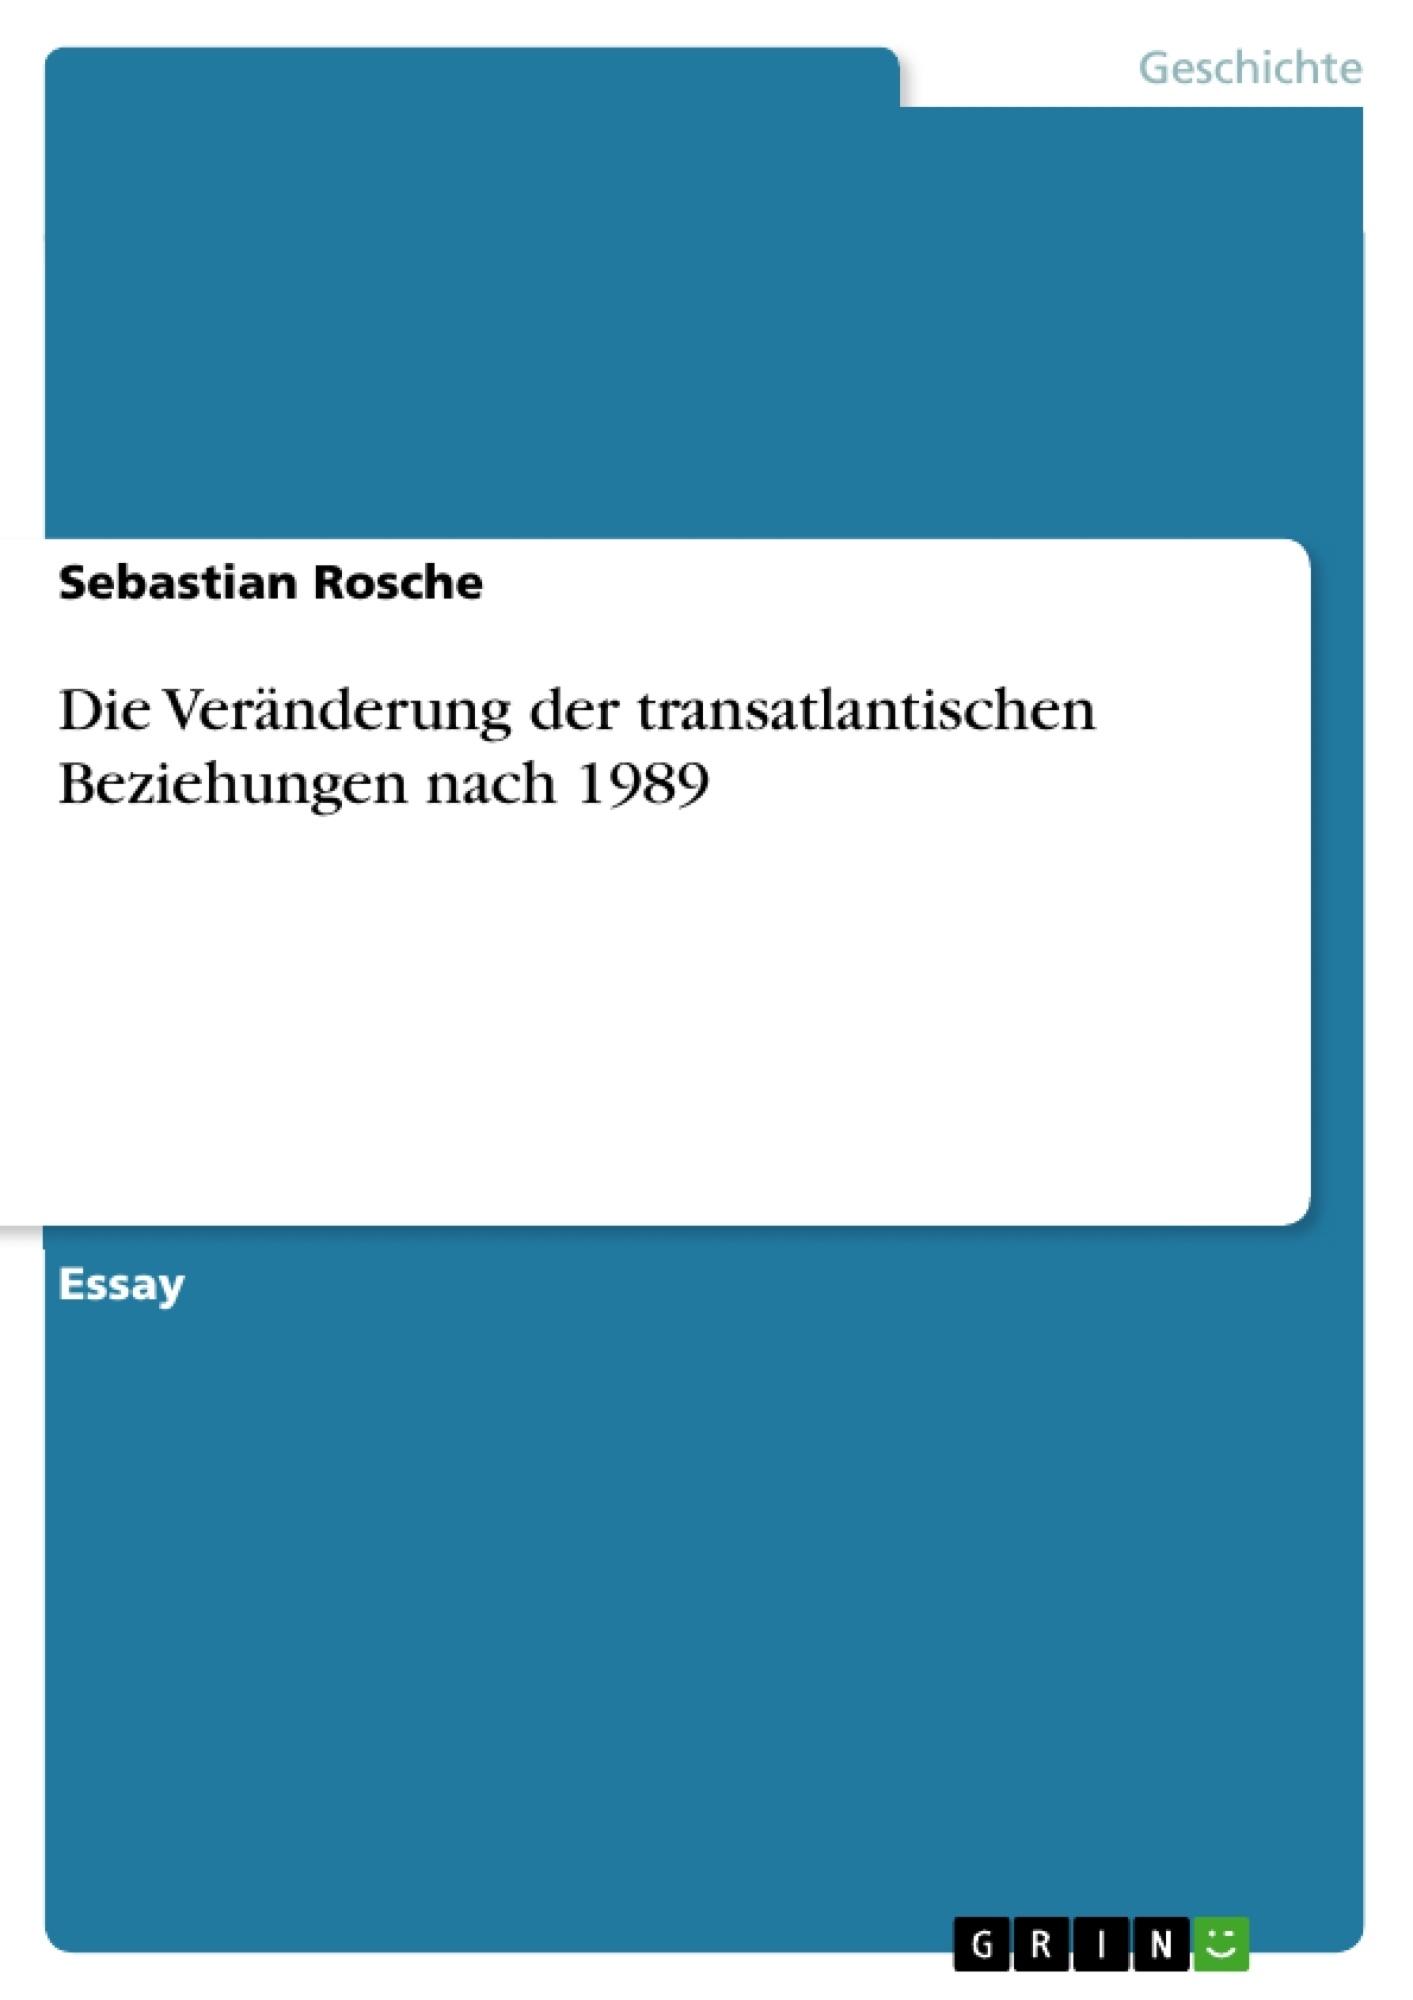 Titel: Die Veränderung der transatlantischen Beziehungen nach 1989